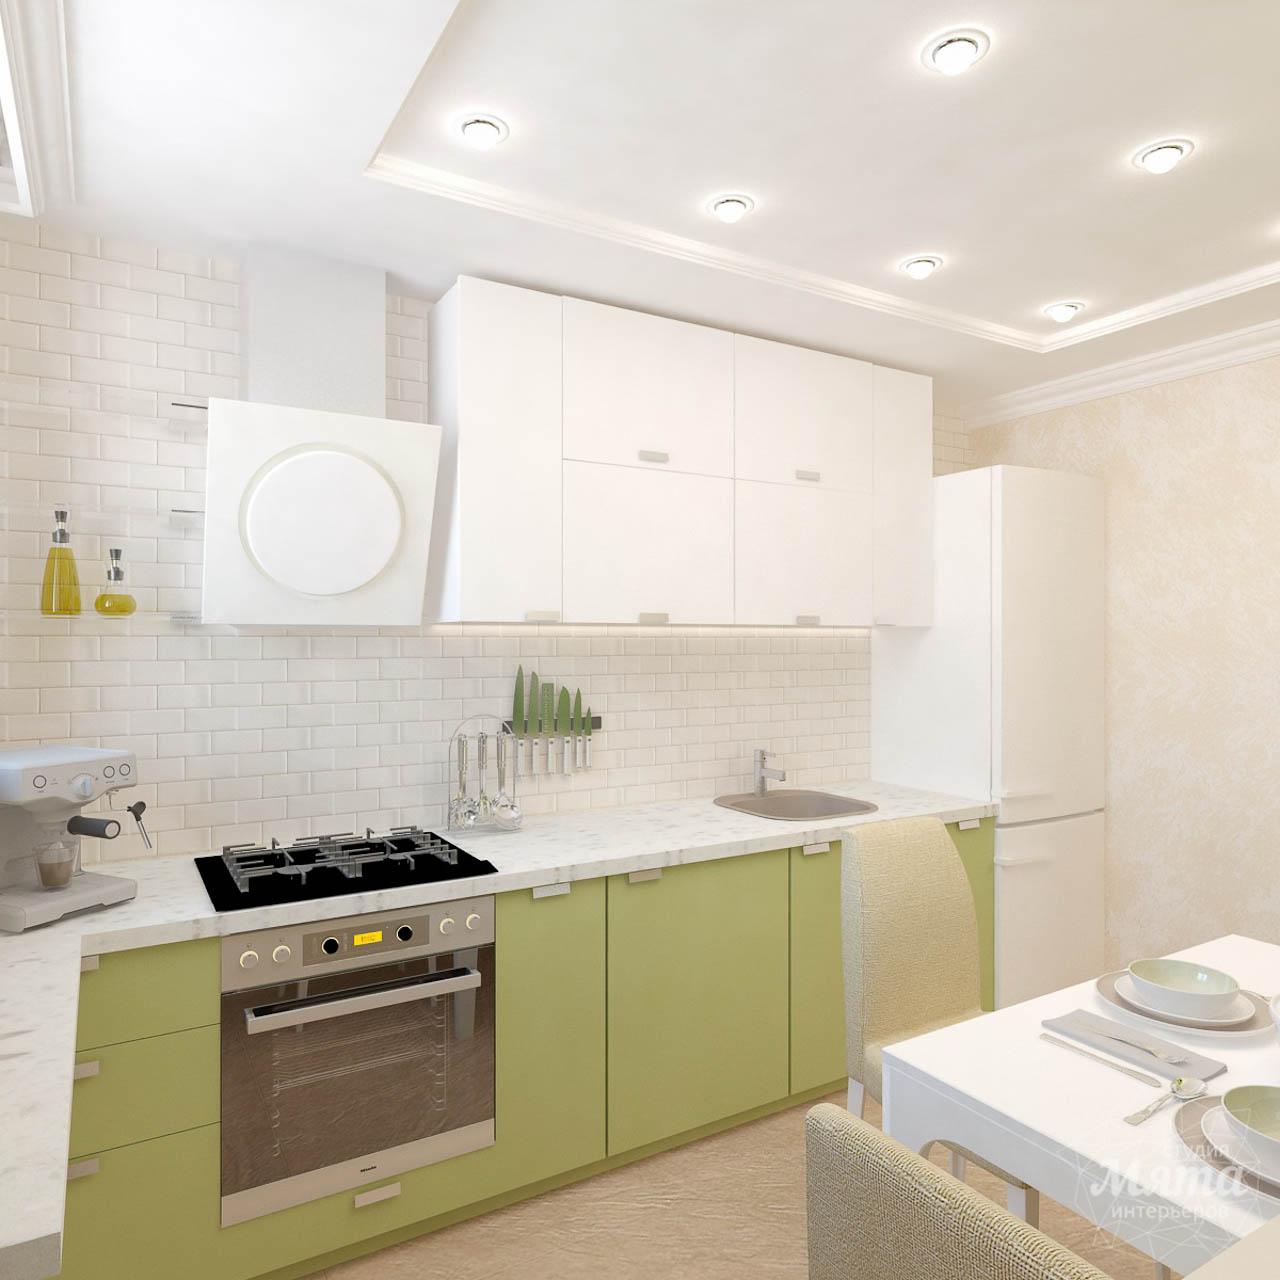 Дизайн интерьера двухкомнатной квартиры по ул. Бебеля 156 img158143107